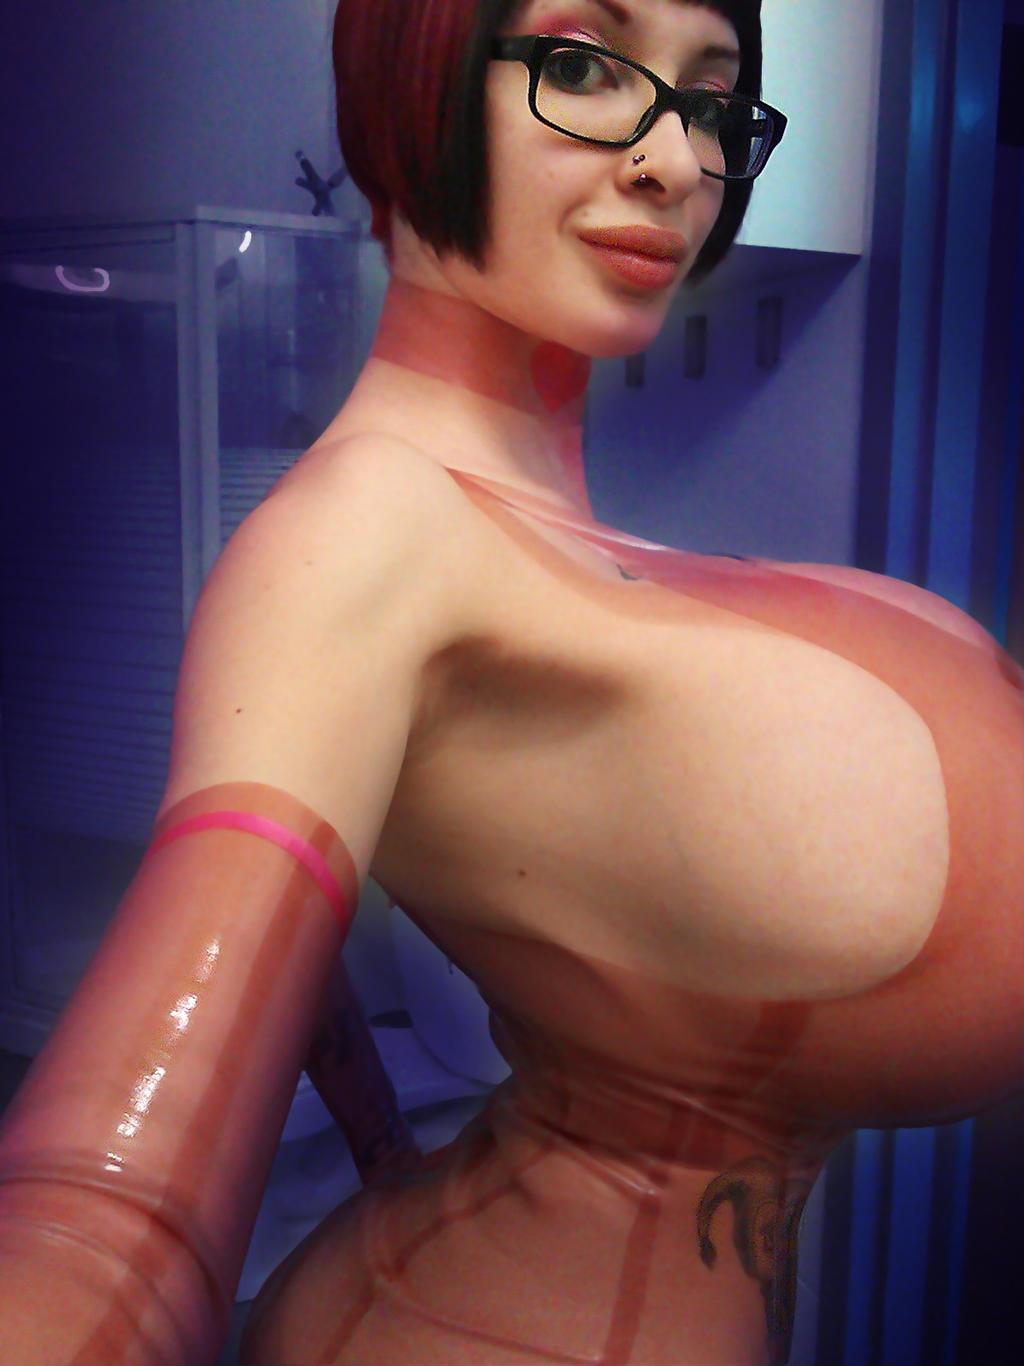 Big boobs emma green nude